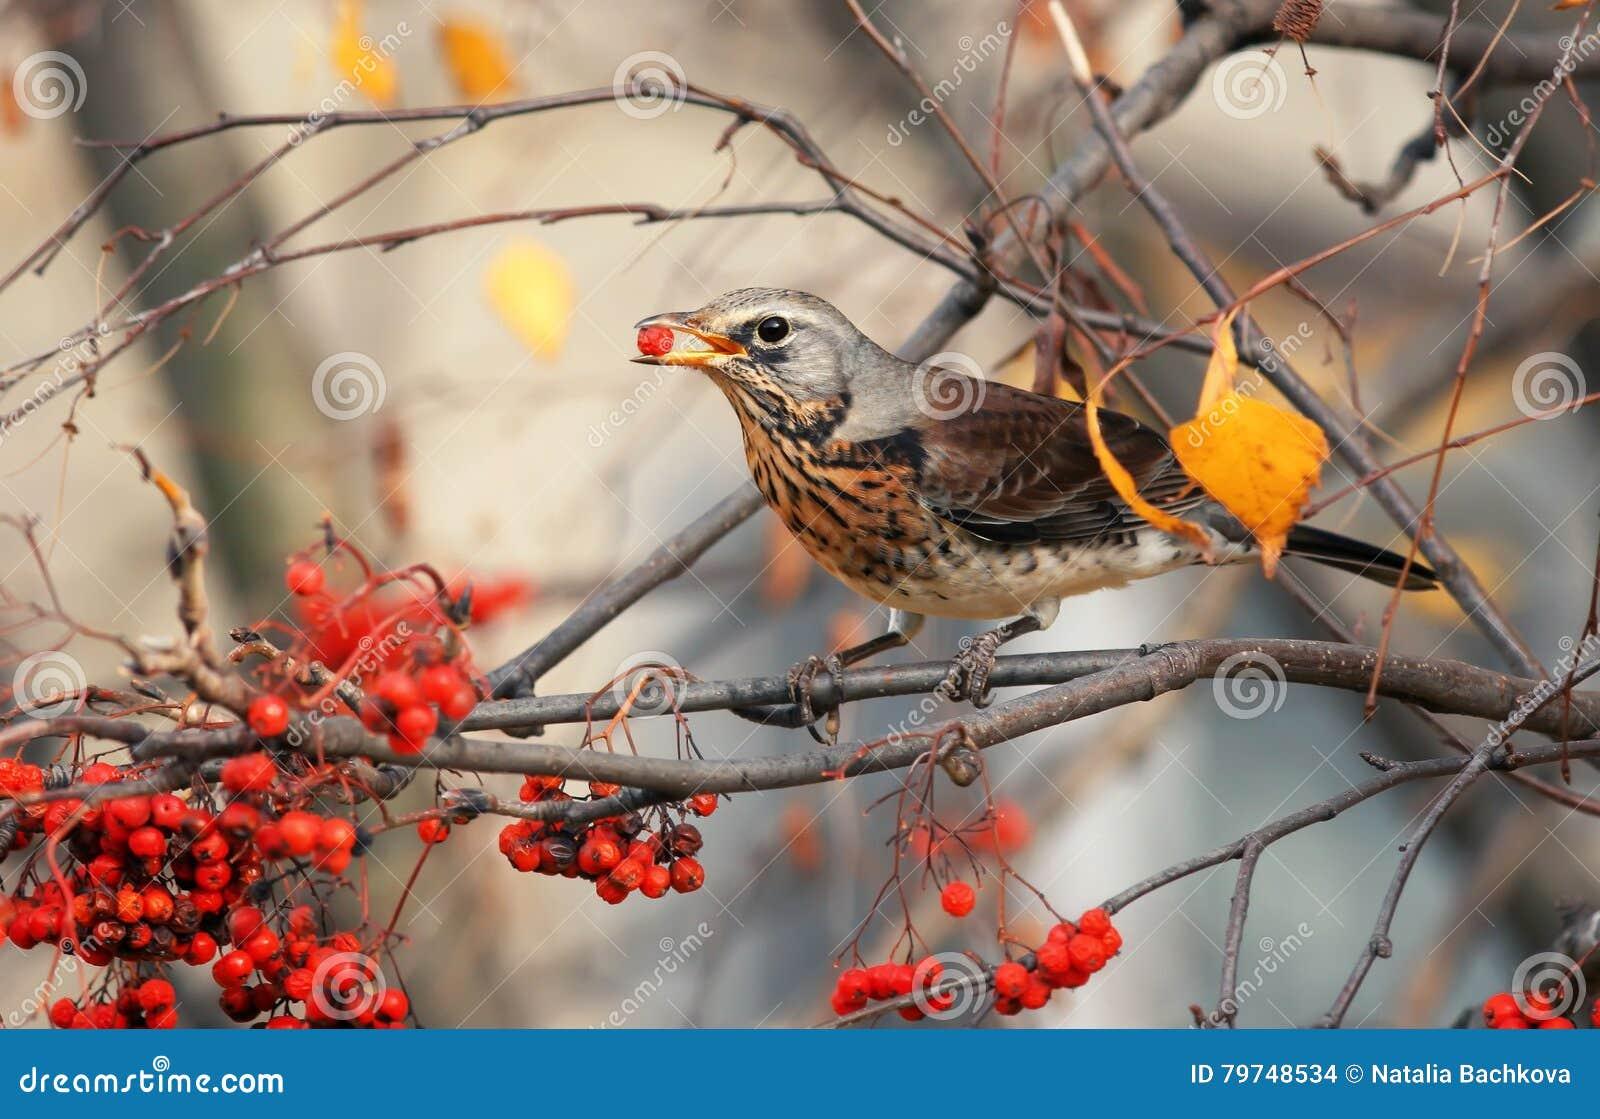 El pájaro del tordo come las bayas de serbal rojas dulces en otoño